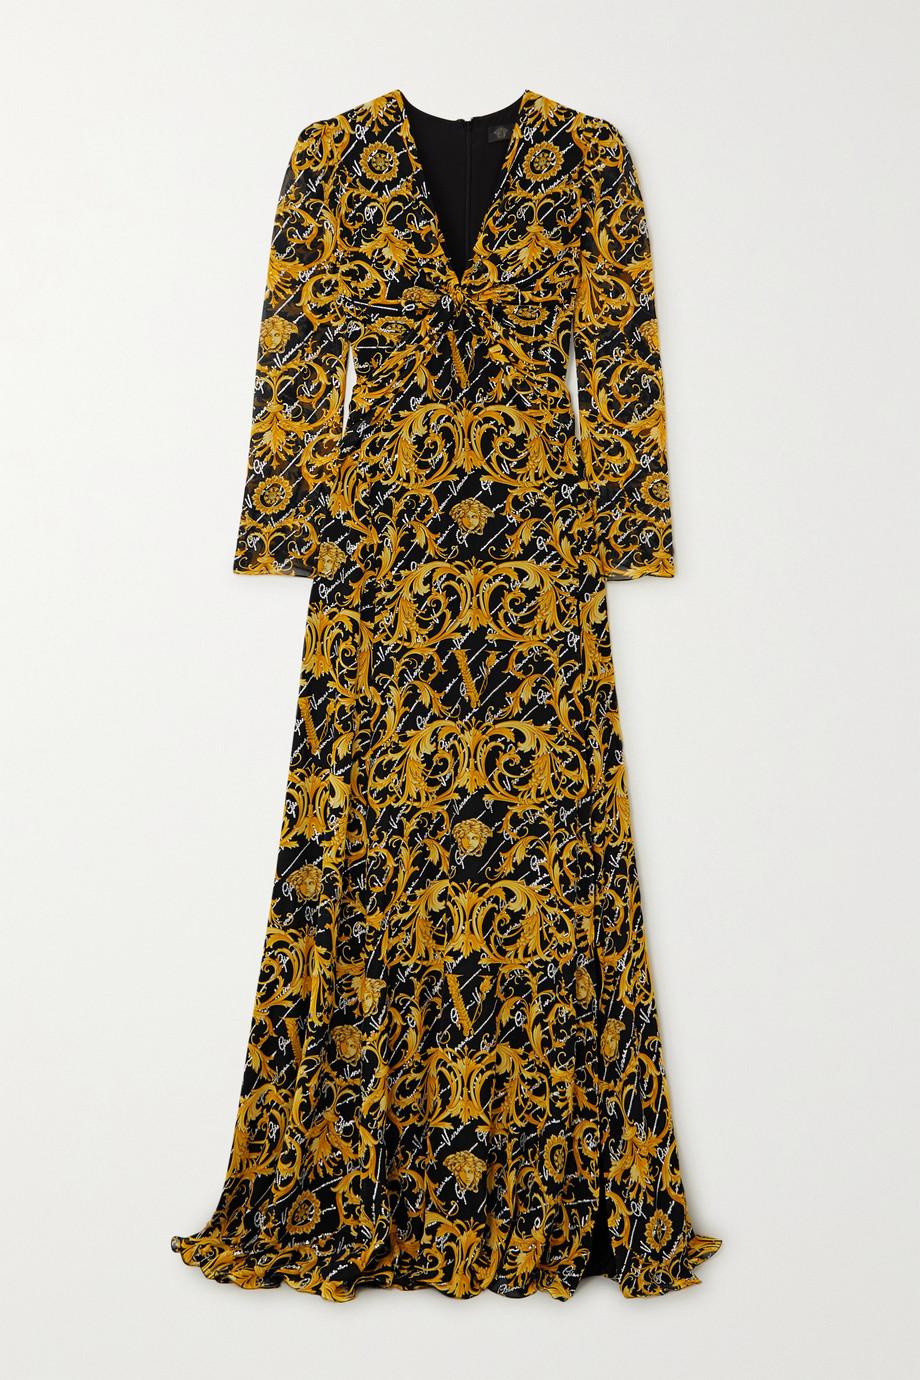 Versace Robe aus bedrucktem Seiden-Crêpe mit Twist-Detail und Kristallen